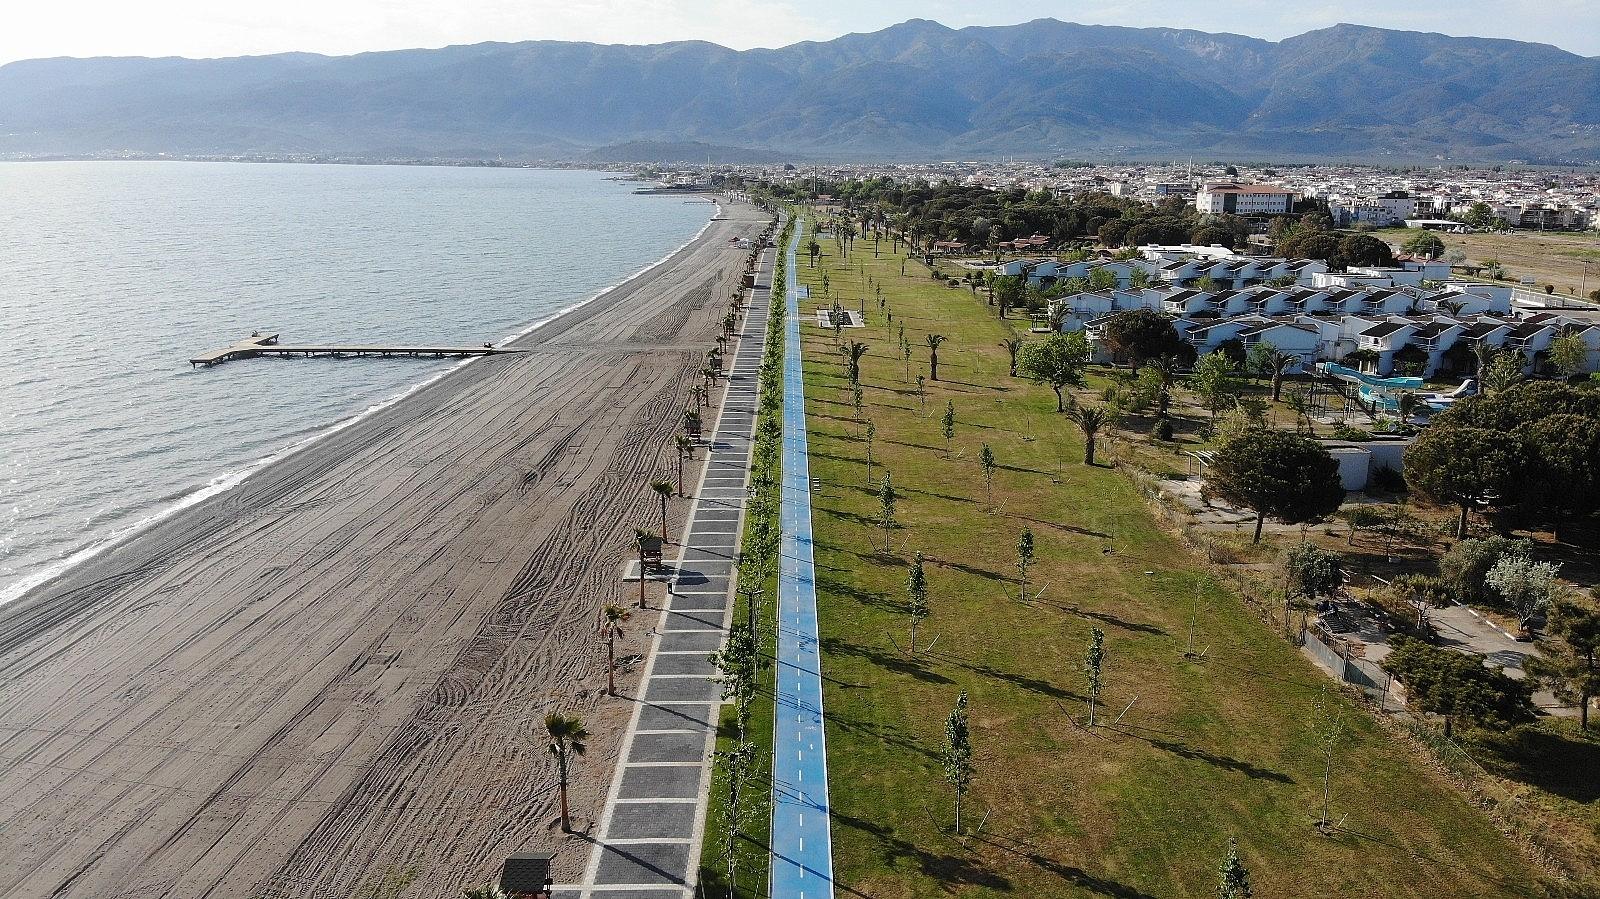 2021/05/plajlar-ve-sahiller-bayramin-birinci-gununde-bos-kaldi-20210513AW31-1.jpg